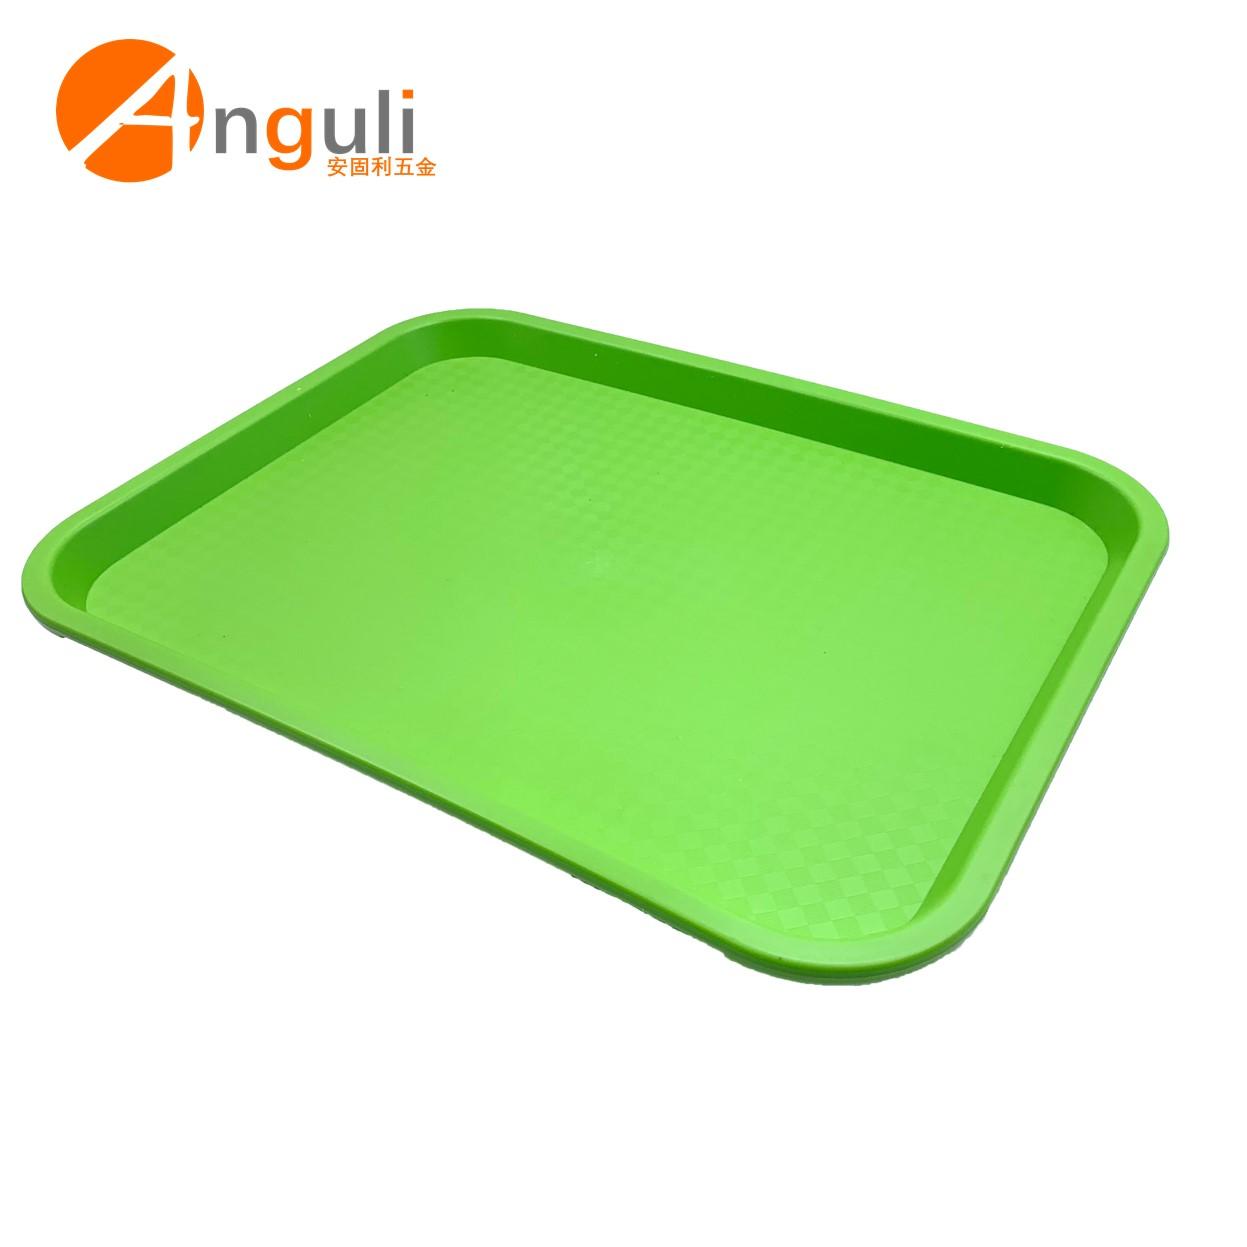 Высококачественный пластиковый поднос для фастфуда, прямоугольный пластиковый нескользящий поднос для ресторана, сервировочный поднос для фастфуда